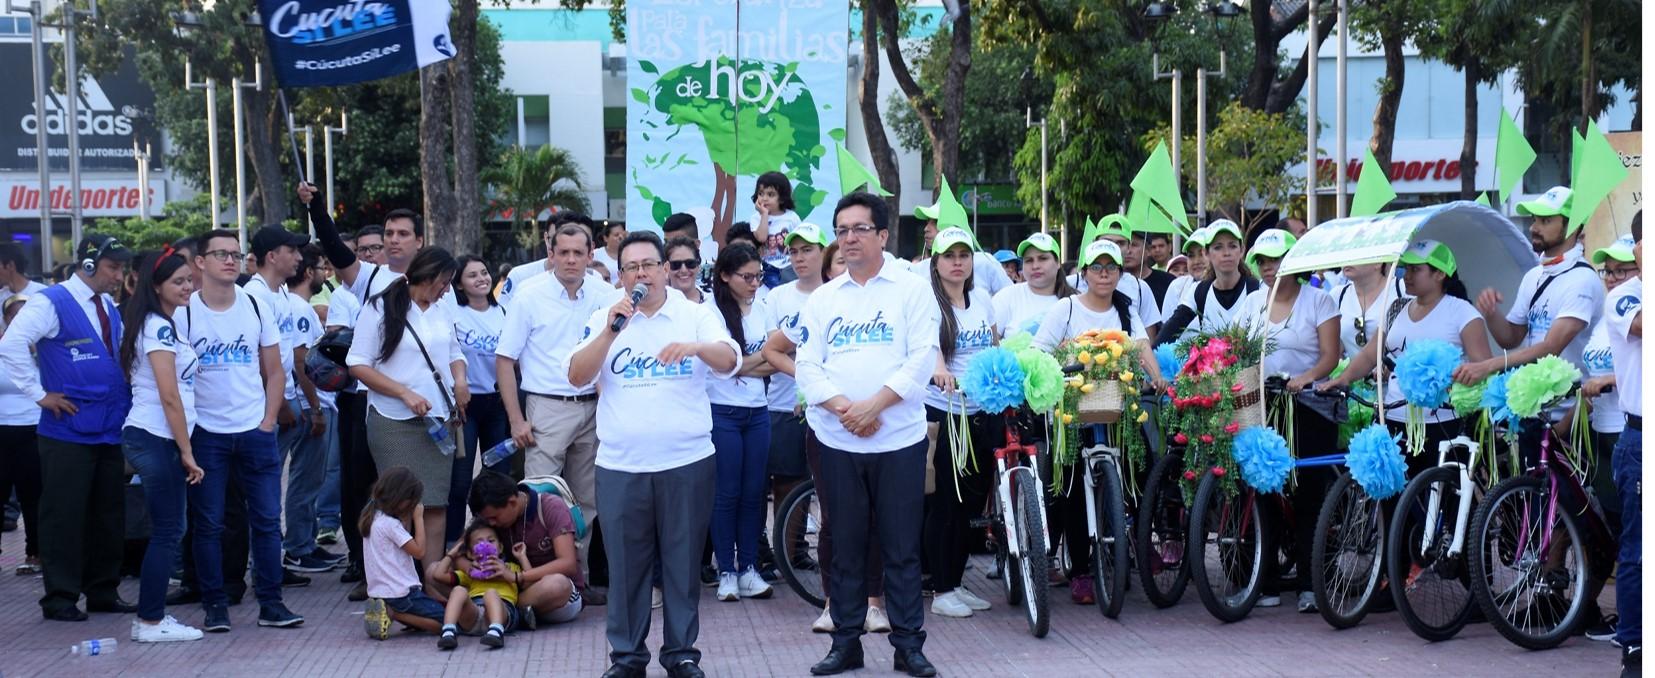 """IASD se tomó el corazón de Cúcuta en el día de impacto """"esperanza para las familias de hoy"""""""